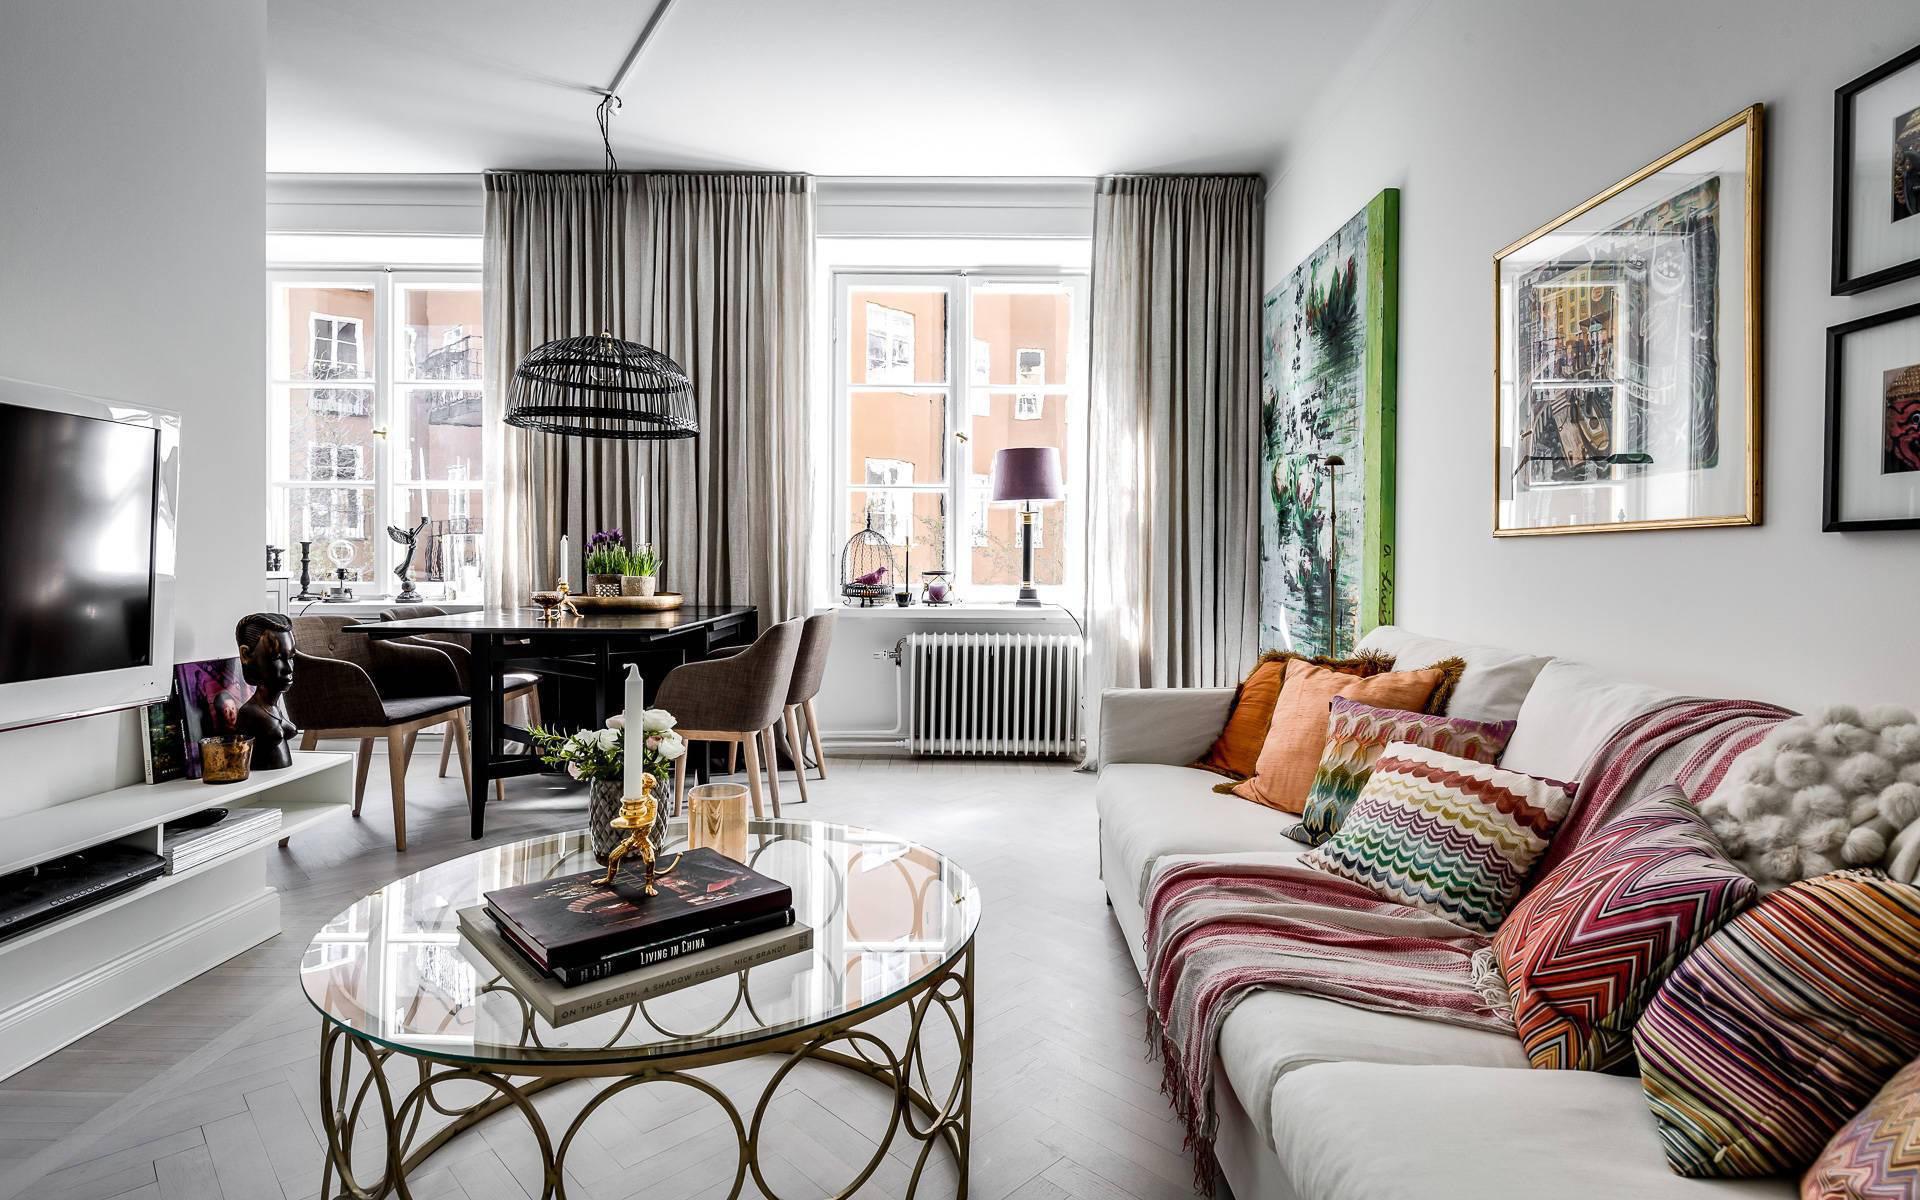 Căn hộ 55m² đẹp như một bức tranh nhờ kết hợp các đồ nội thất chuẩn chỉnh